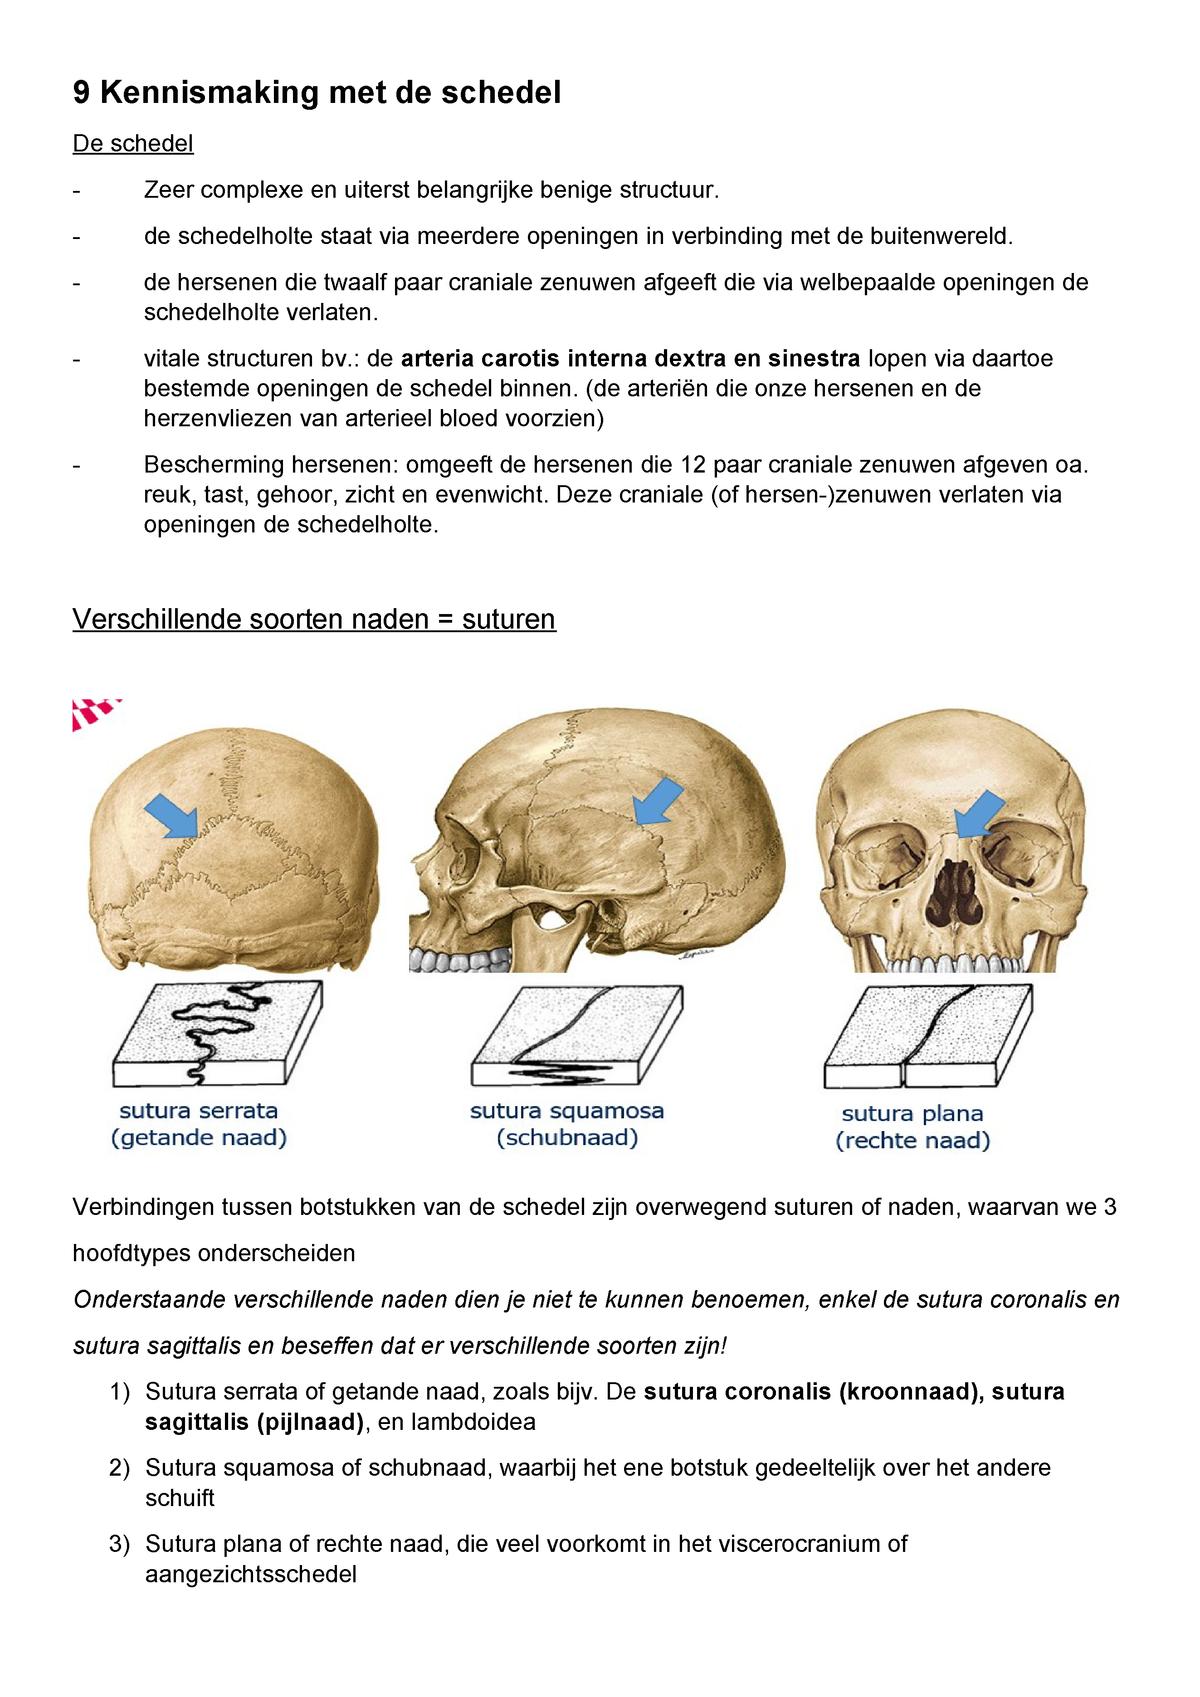 9 Kennismaking Met De Schedel Anatomie En Fysiologie I